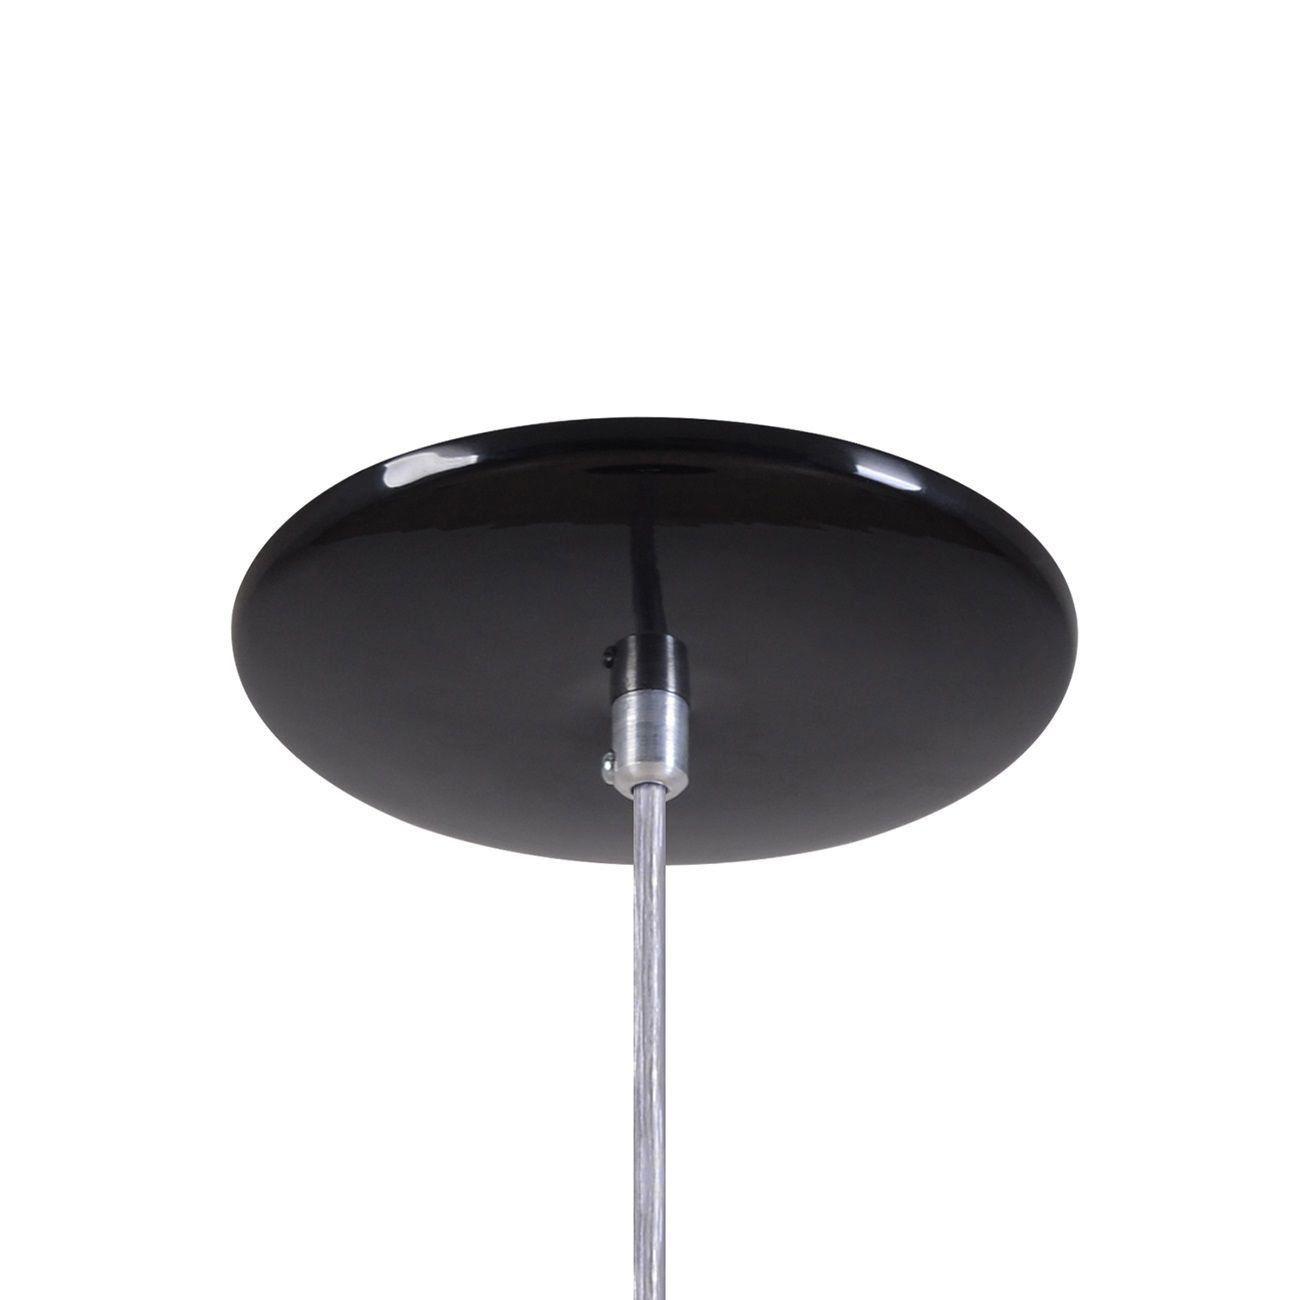 Pendente Cone Furado Luminária Lustre Alumínio Preto Brilhante - Rei Da Iluminação